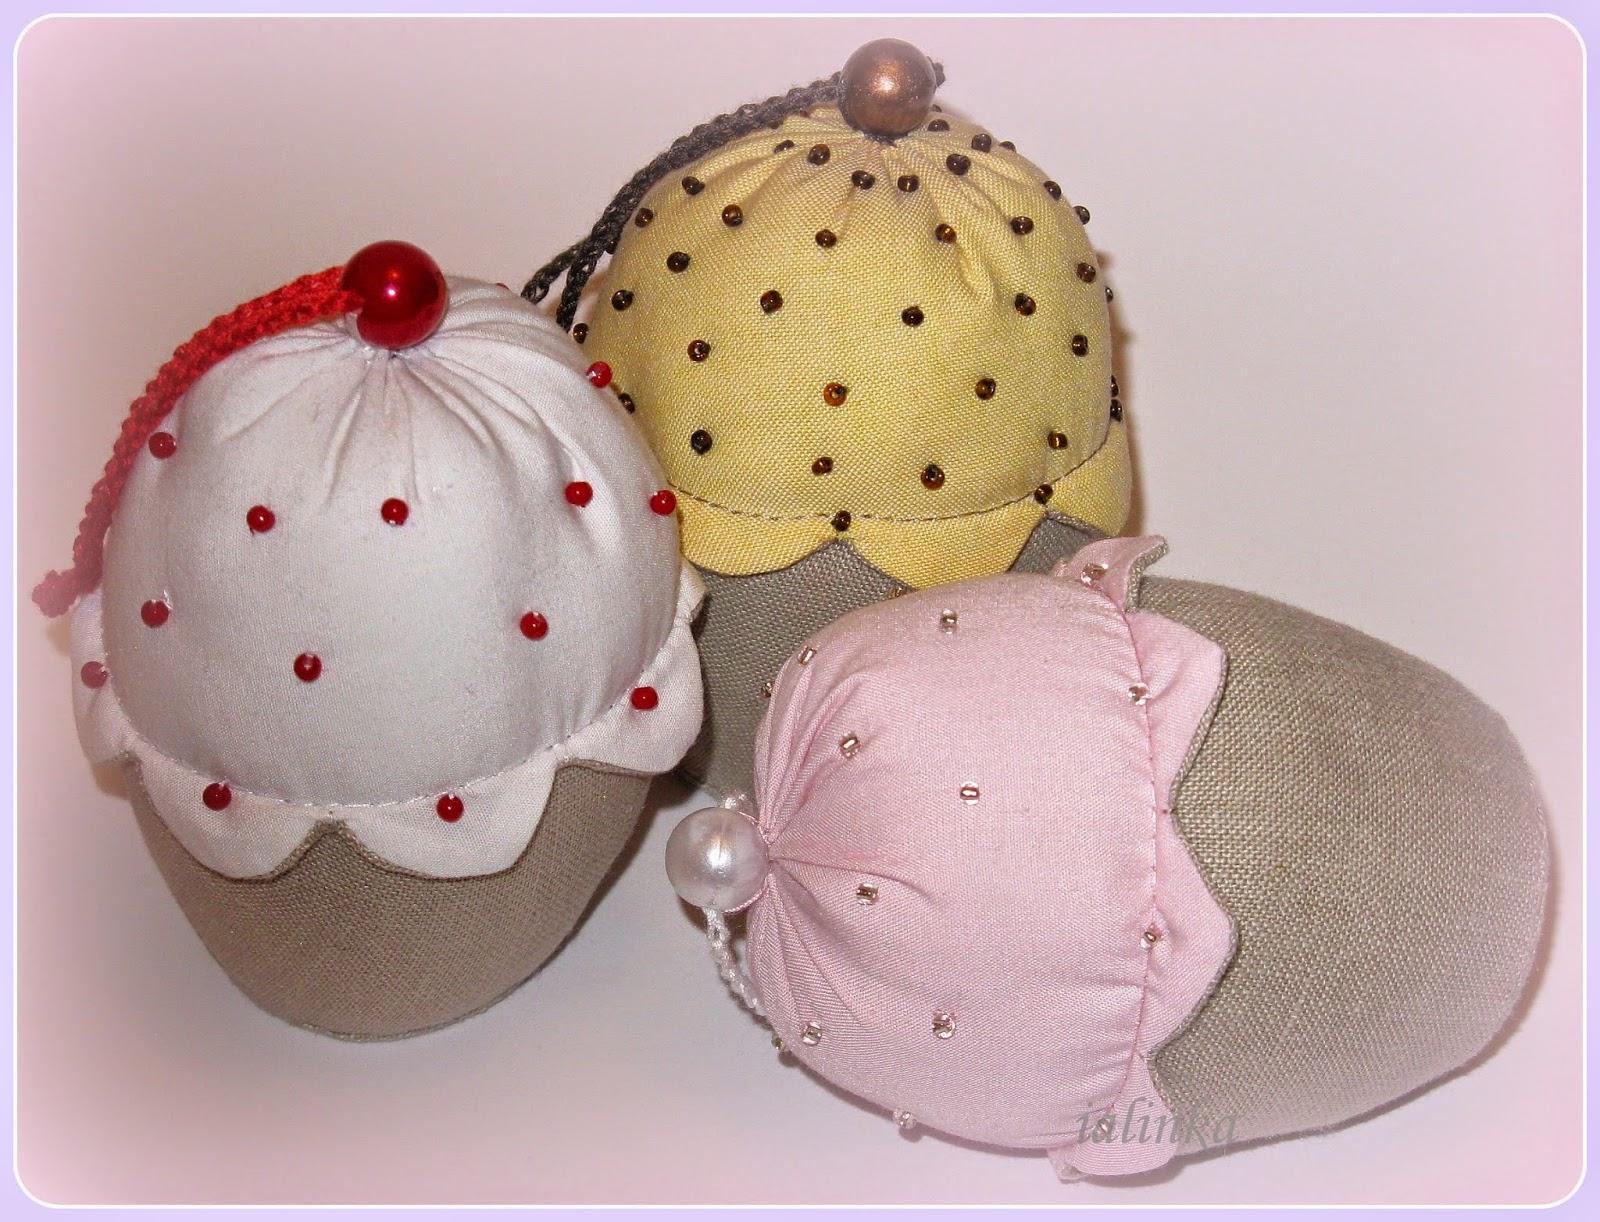 елочка, украшенная  игрушками  hand  made кексы  в  стиле  тильда новый год